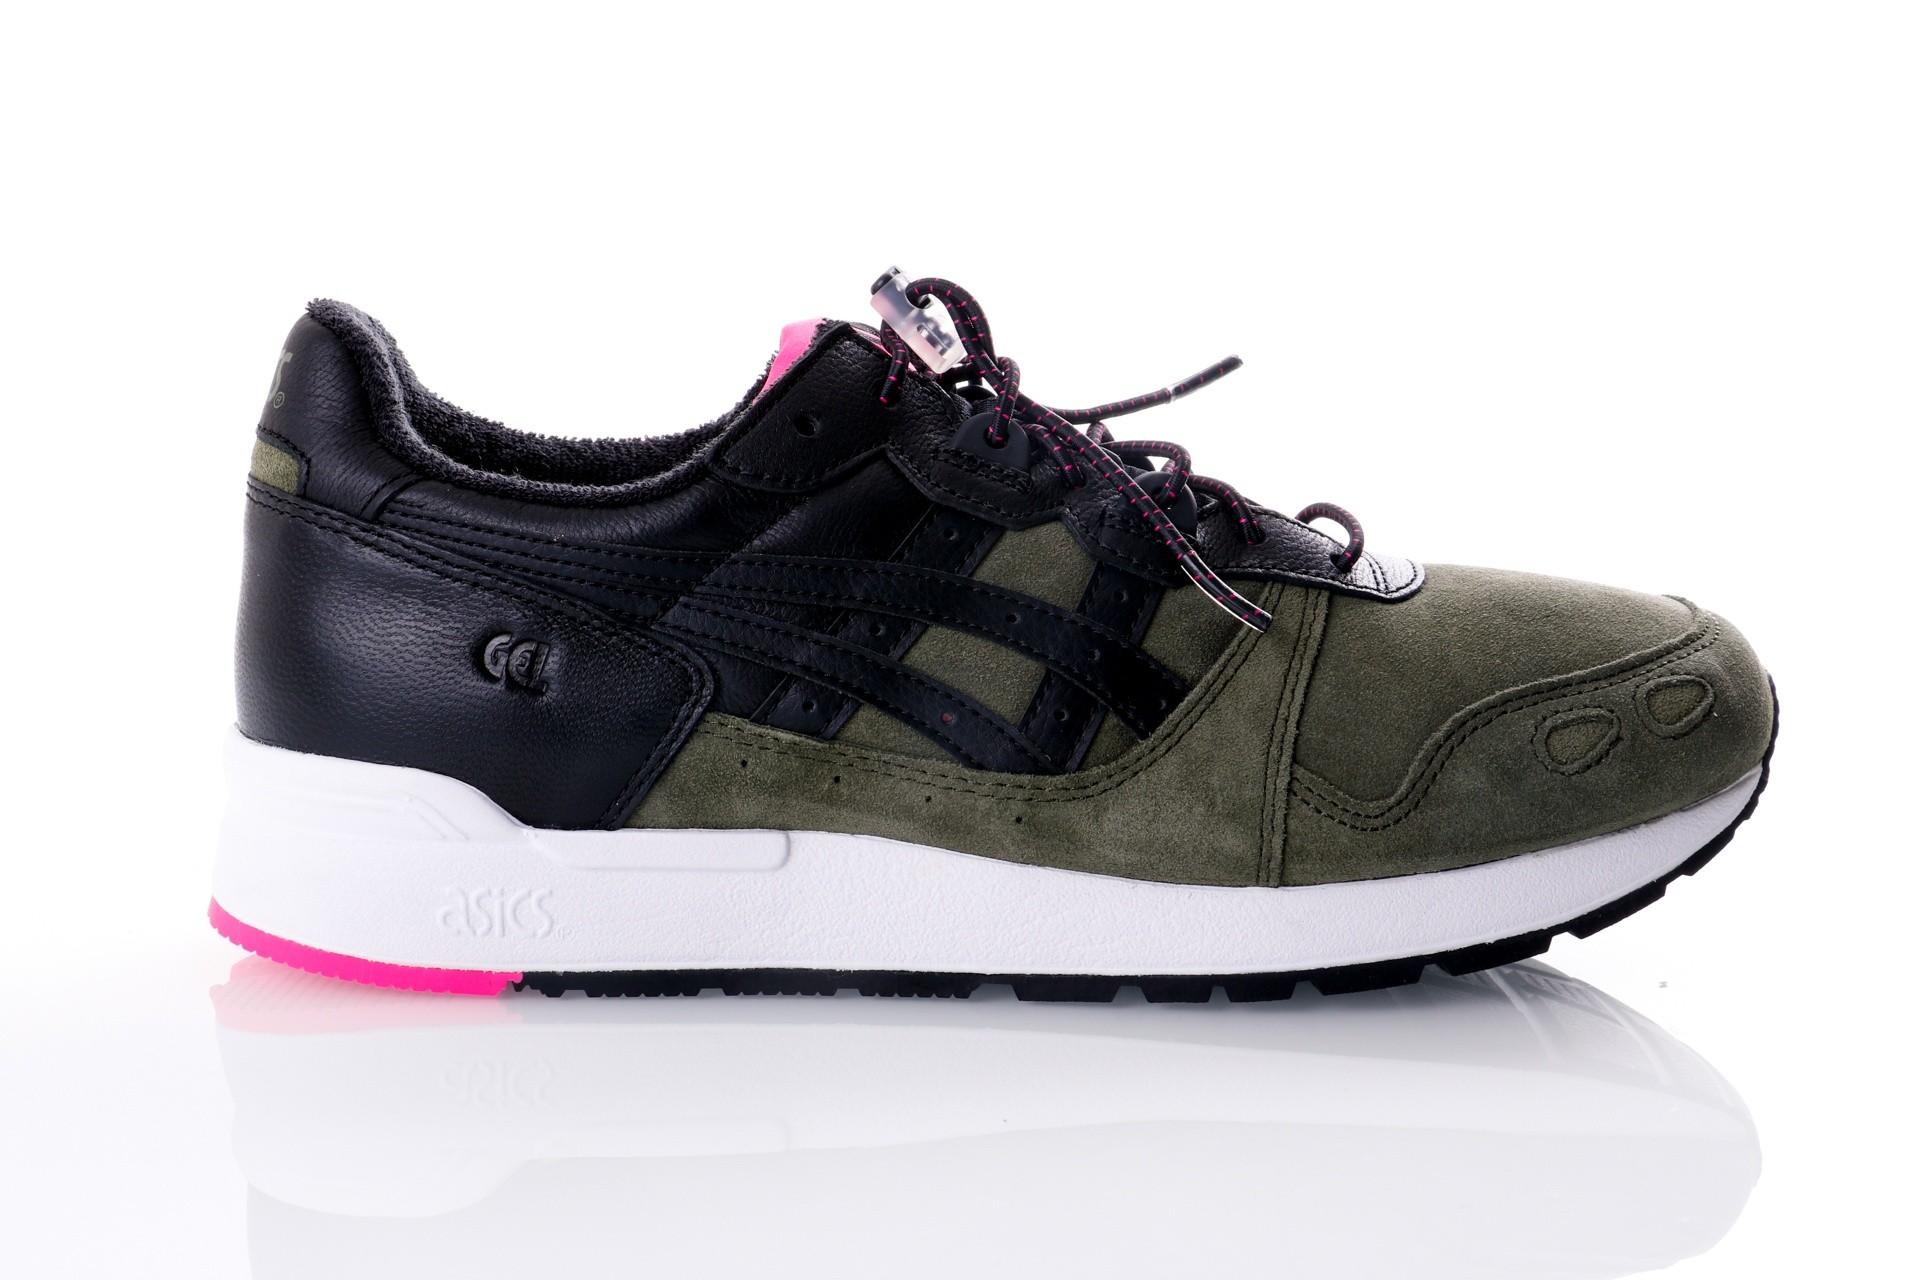 Afbeelding van Asics GEL-LYTE 1193A134 Sneakers FOREST/BLACK